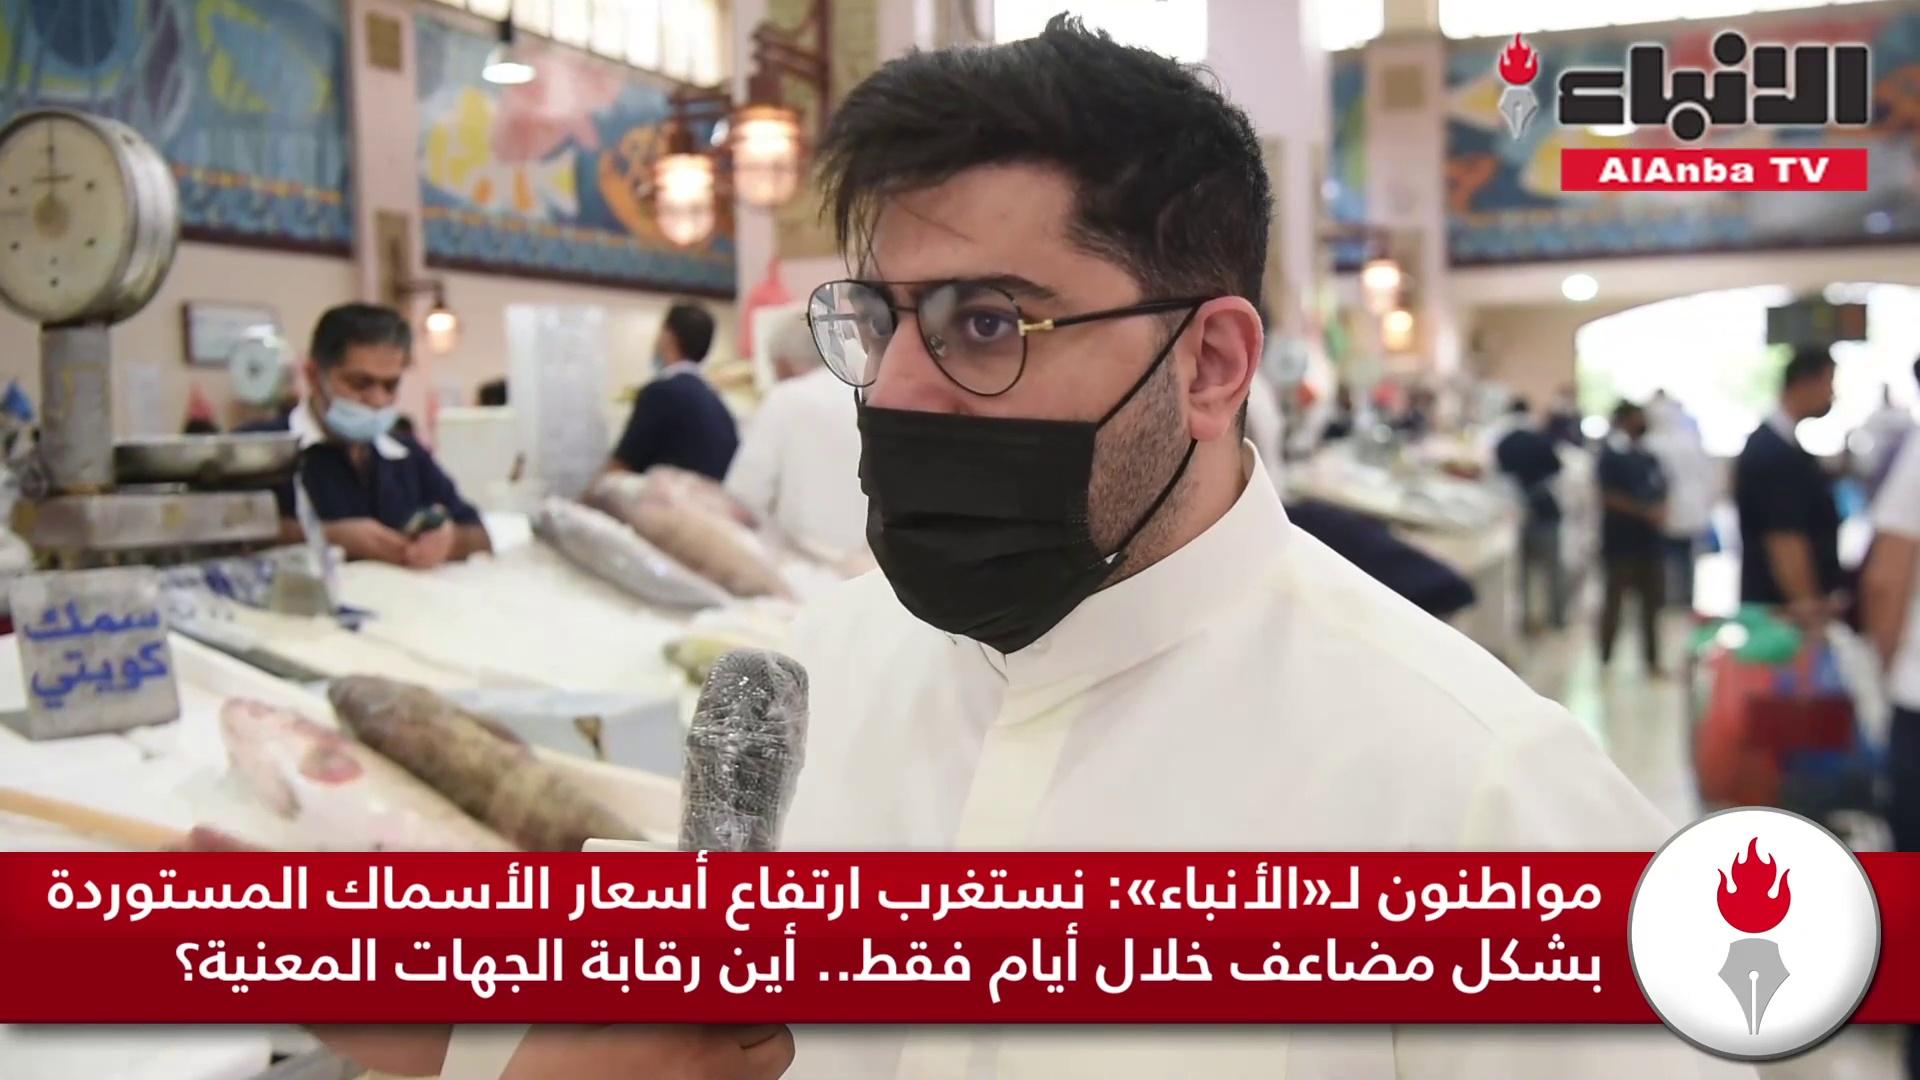 «الأنباء» في سوق السمك قبل العيد.. إقبال كبير مع قلة المعروض وارتفاع جنوني بالأسعار